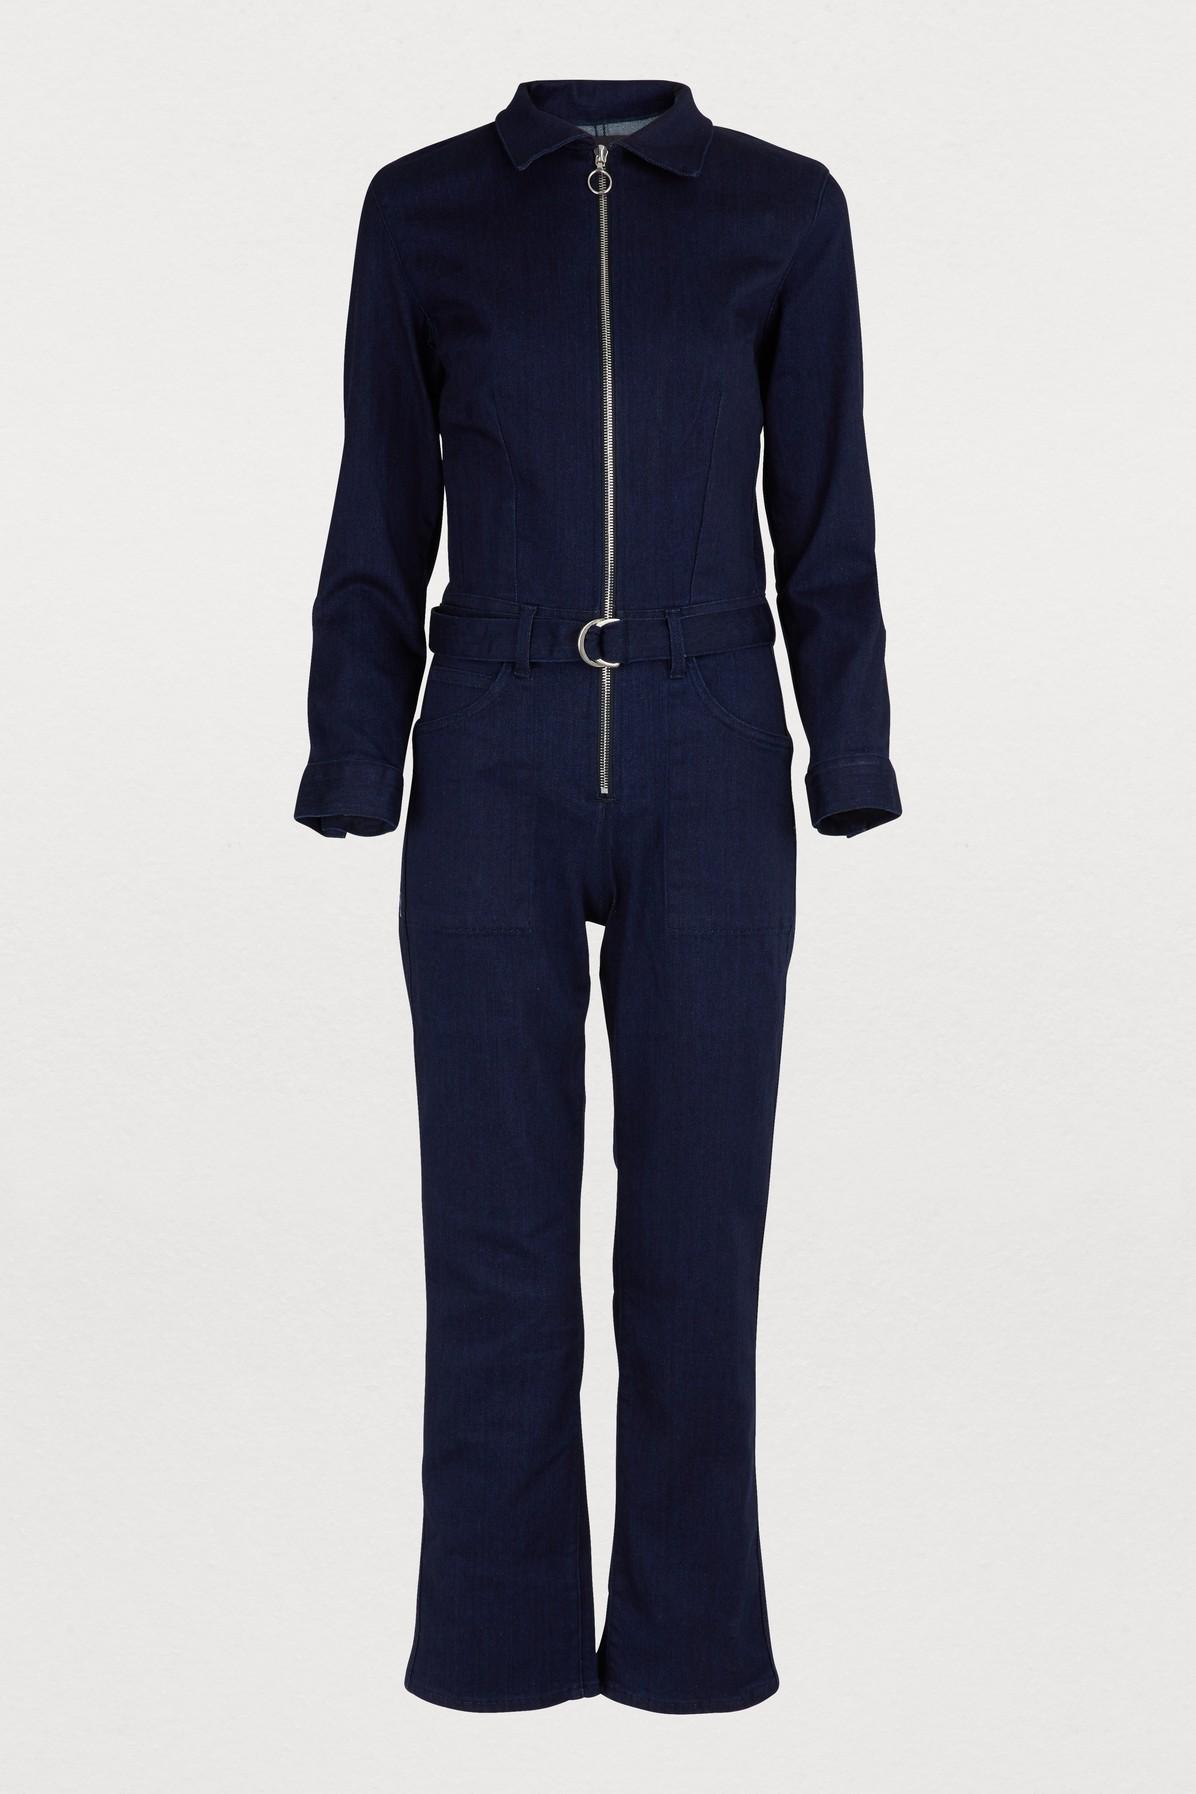 Valen Zip-Front Belted Denim Jumpsuit in Alda